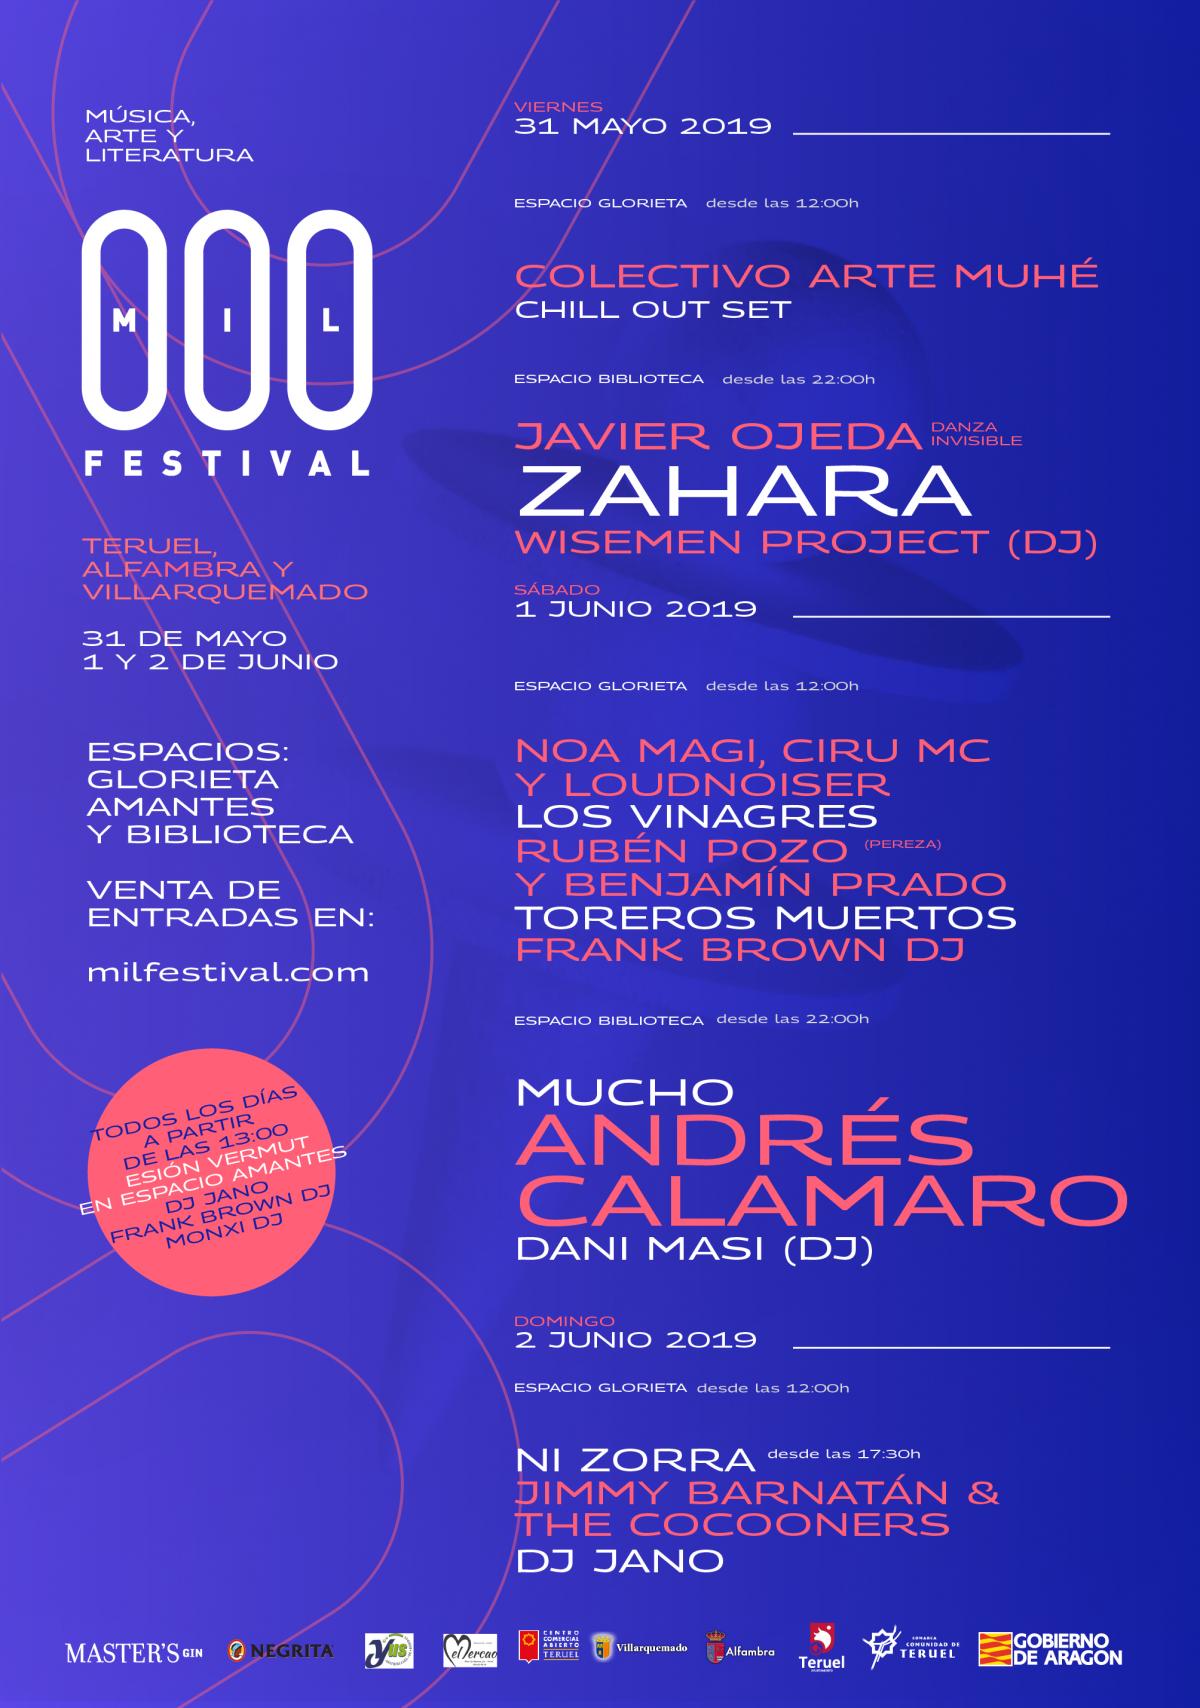 MIL FESTIVAL 2019